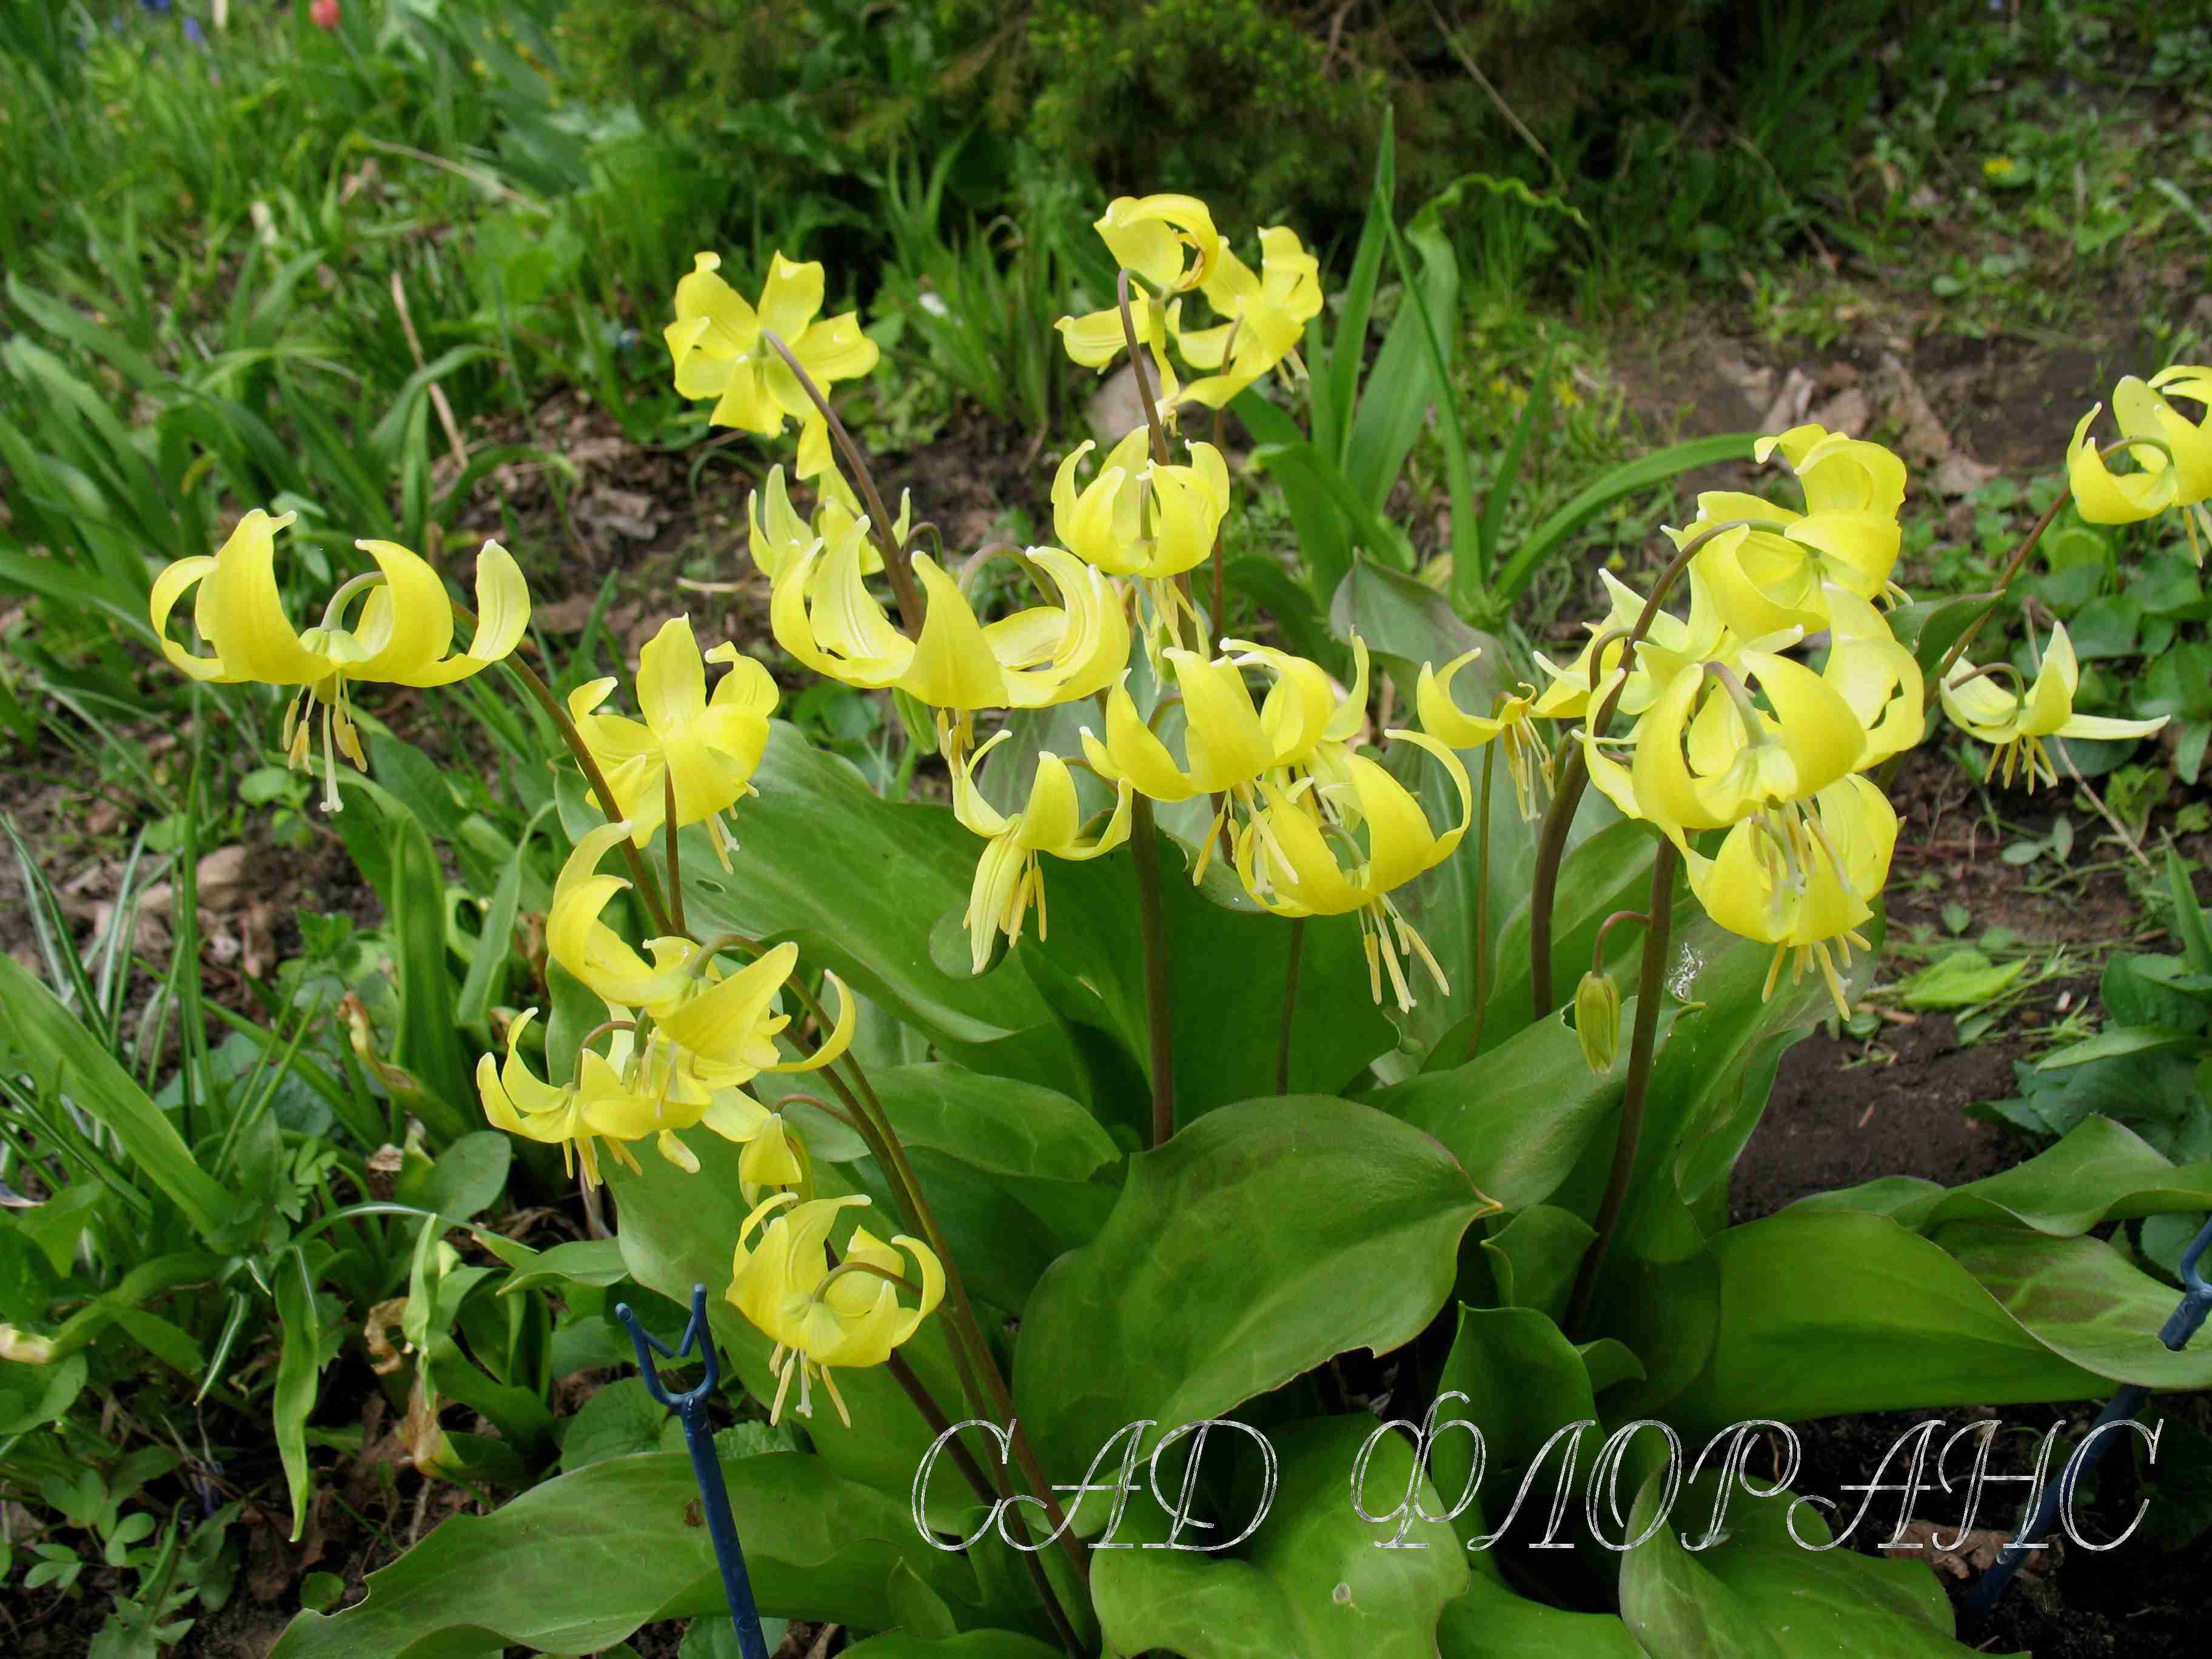 Кандык: уход за сортами европейского, сибирского, желтого цветка